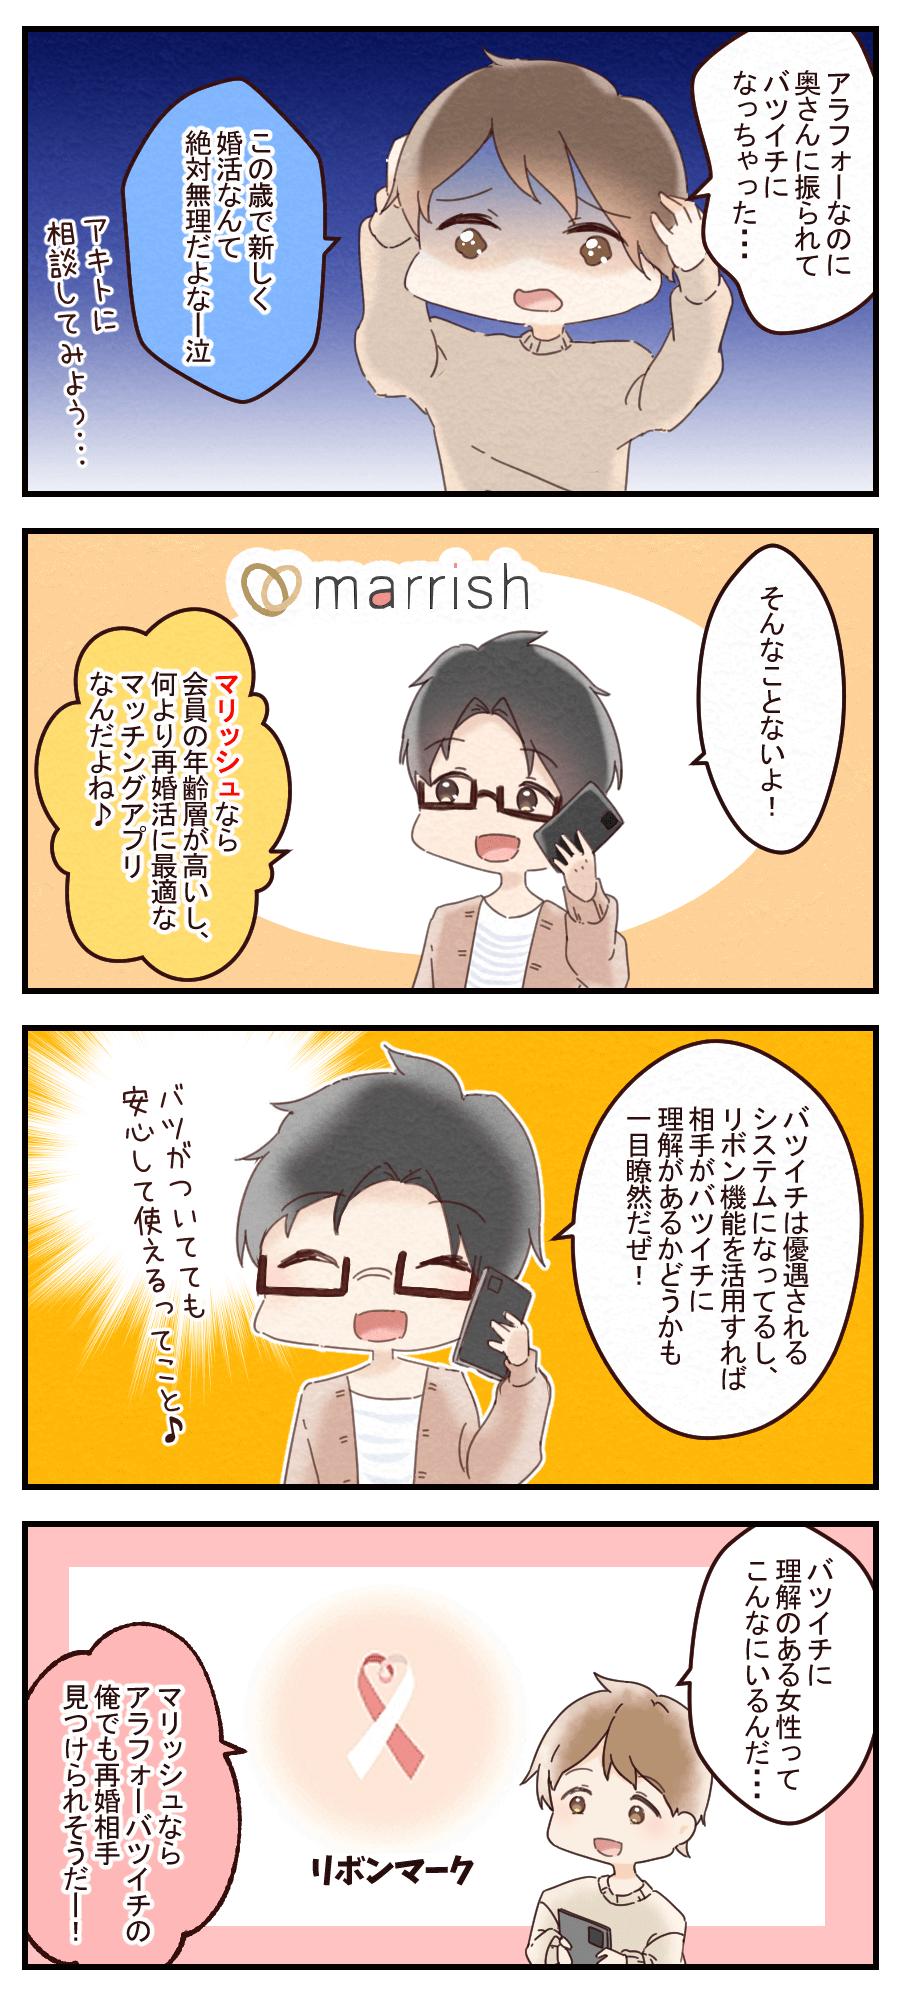 マリッシュ評判